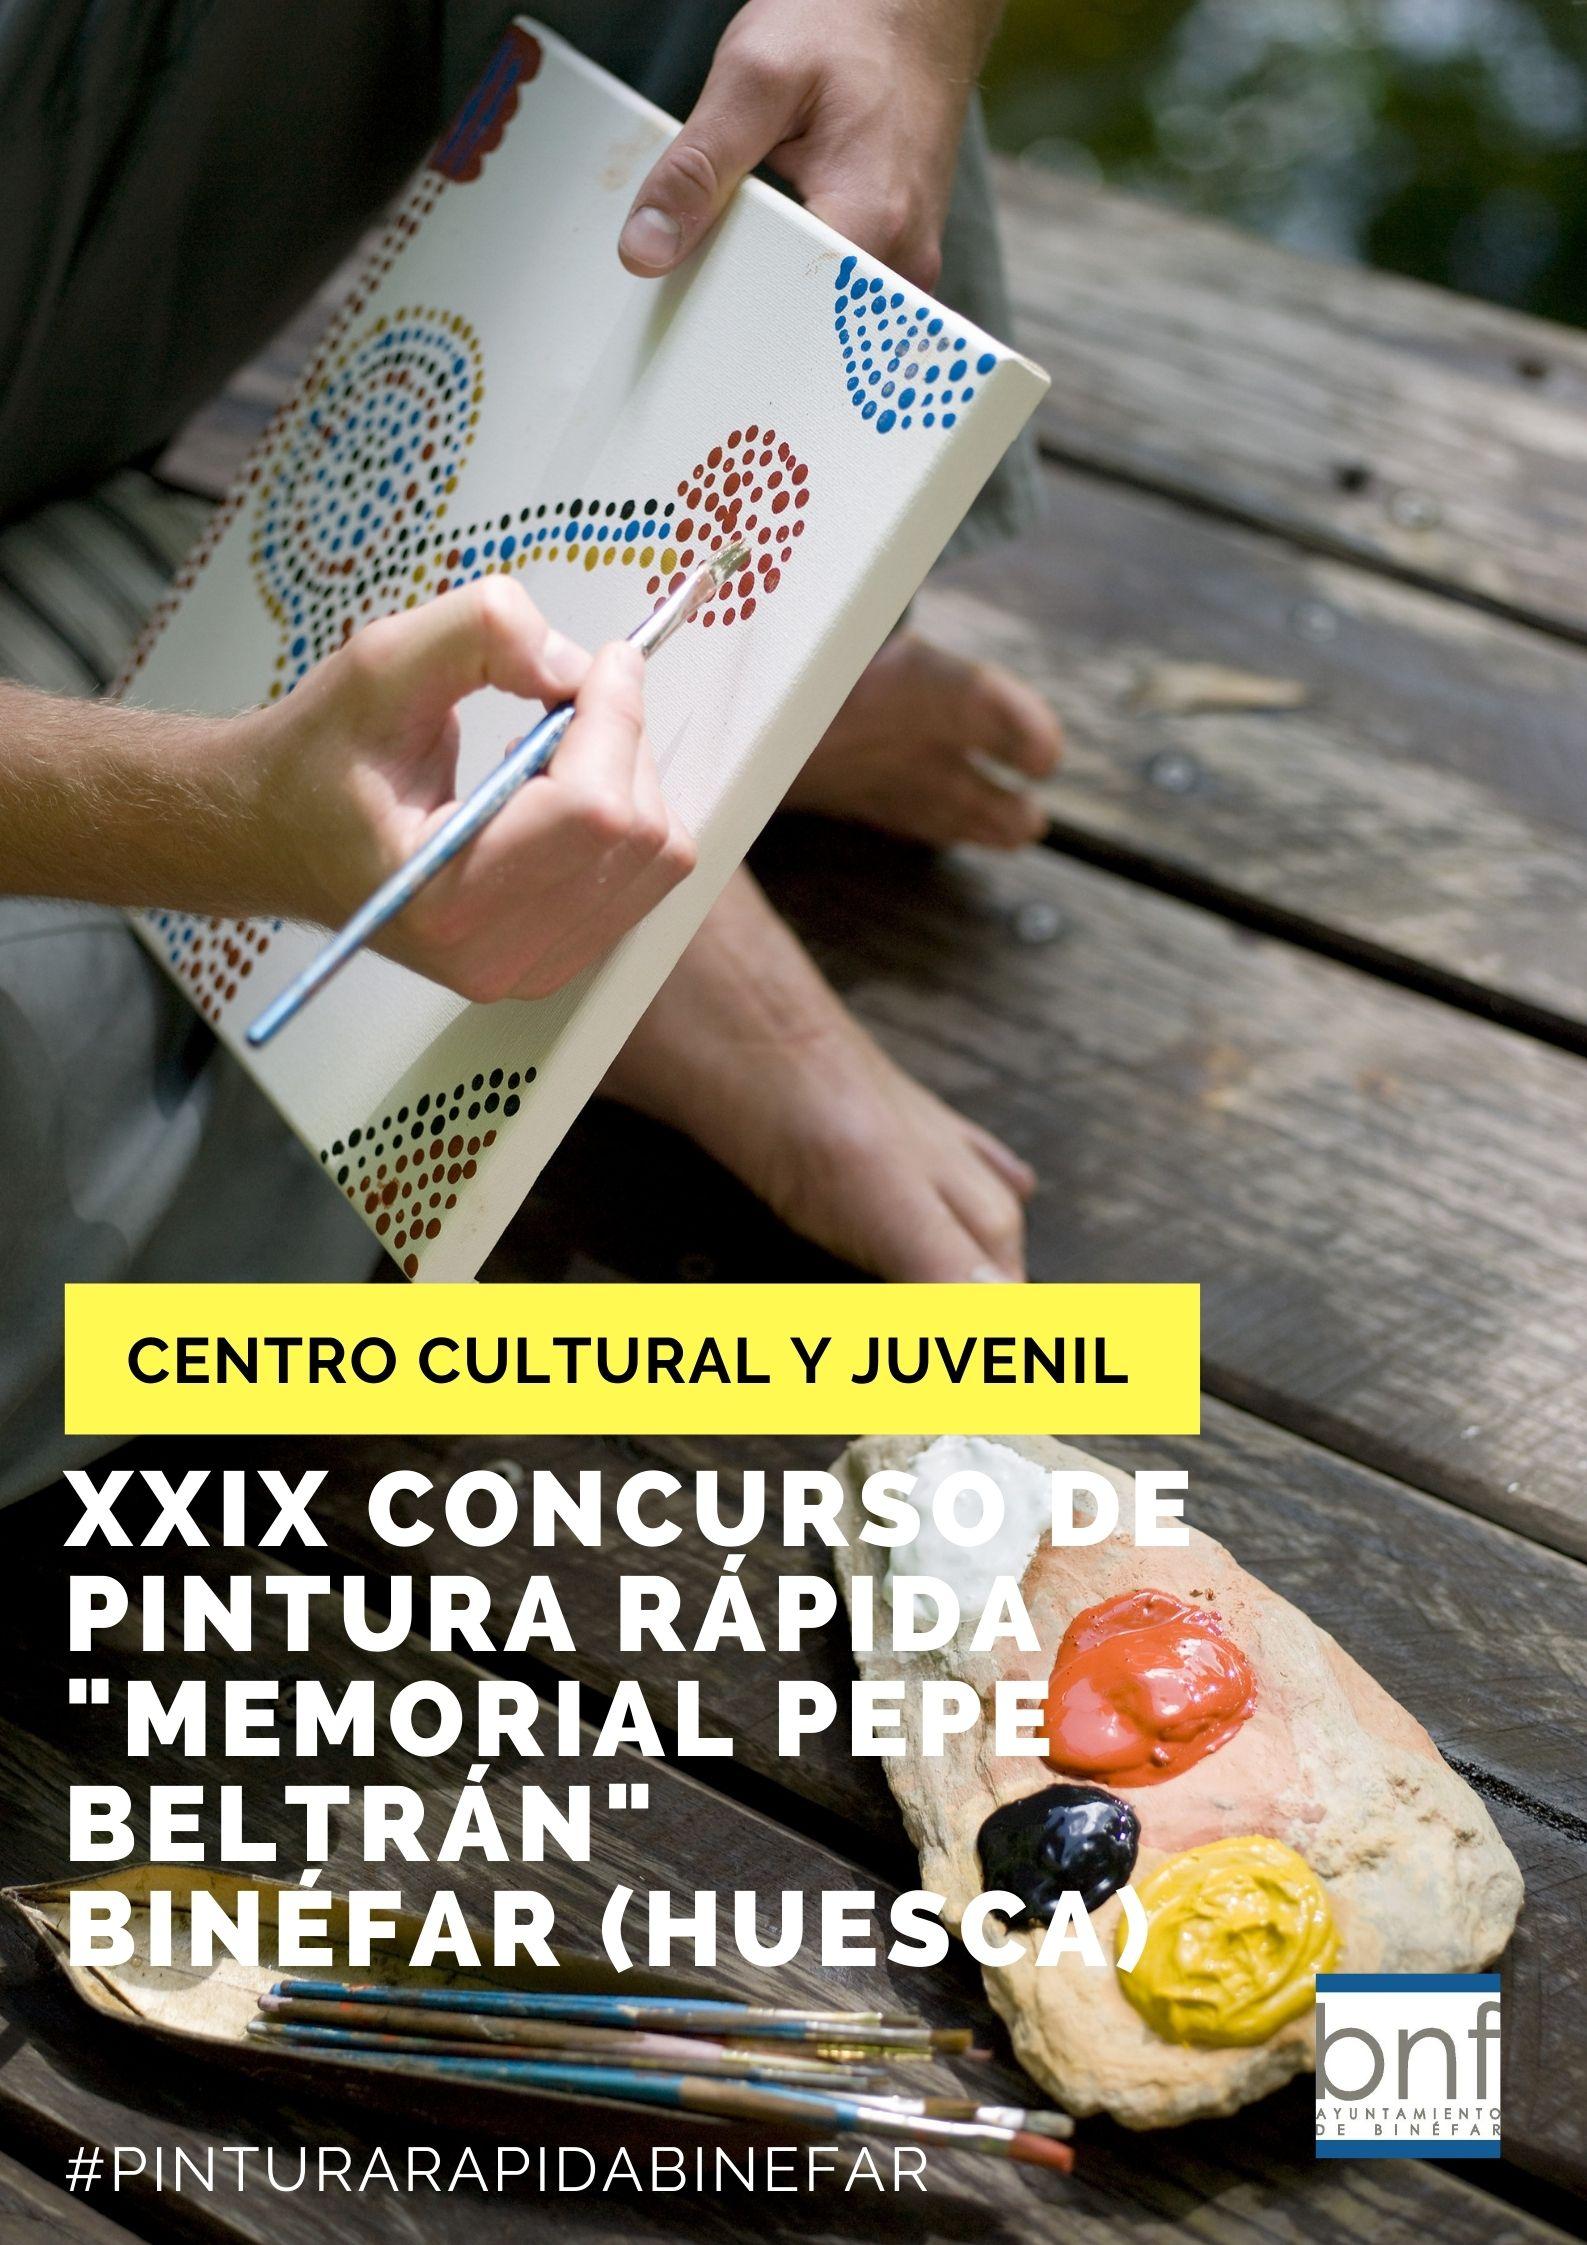 """El Ayuntamiento invita a patrocinadores y pintores a inscribirse en el XXIX Concurso de Pintura Rápida """"Memorial Pepe Beltrán"""""""